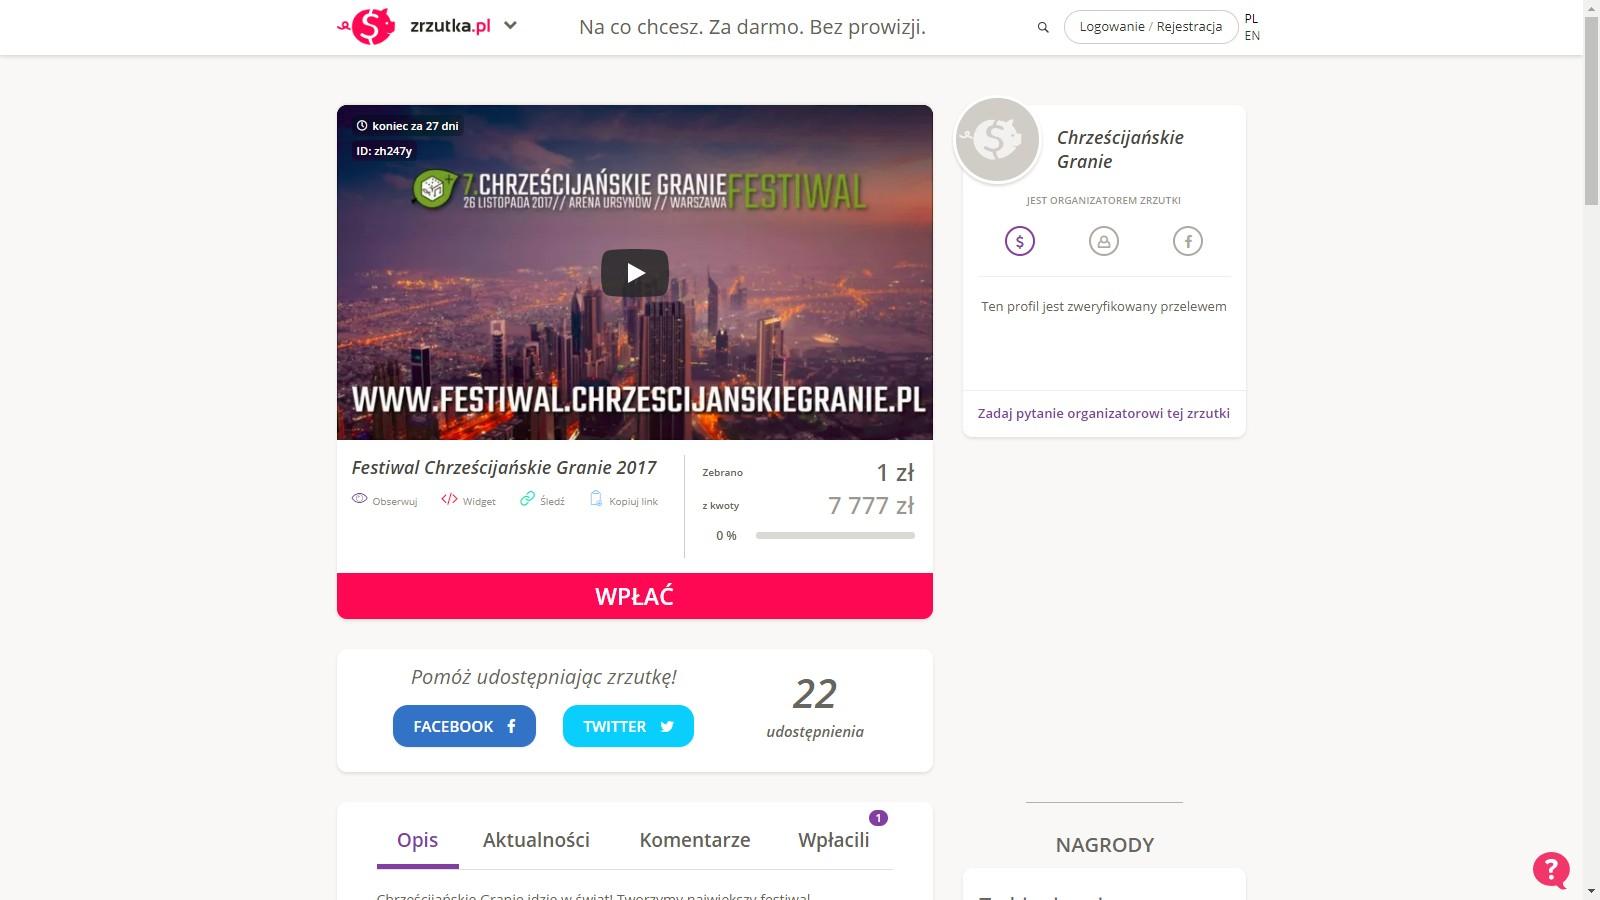 Festiwal Chrześcijańskie Granie 2017 - zrzutka